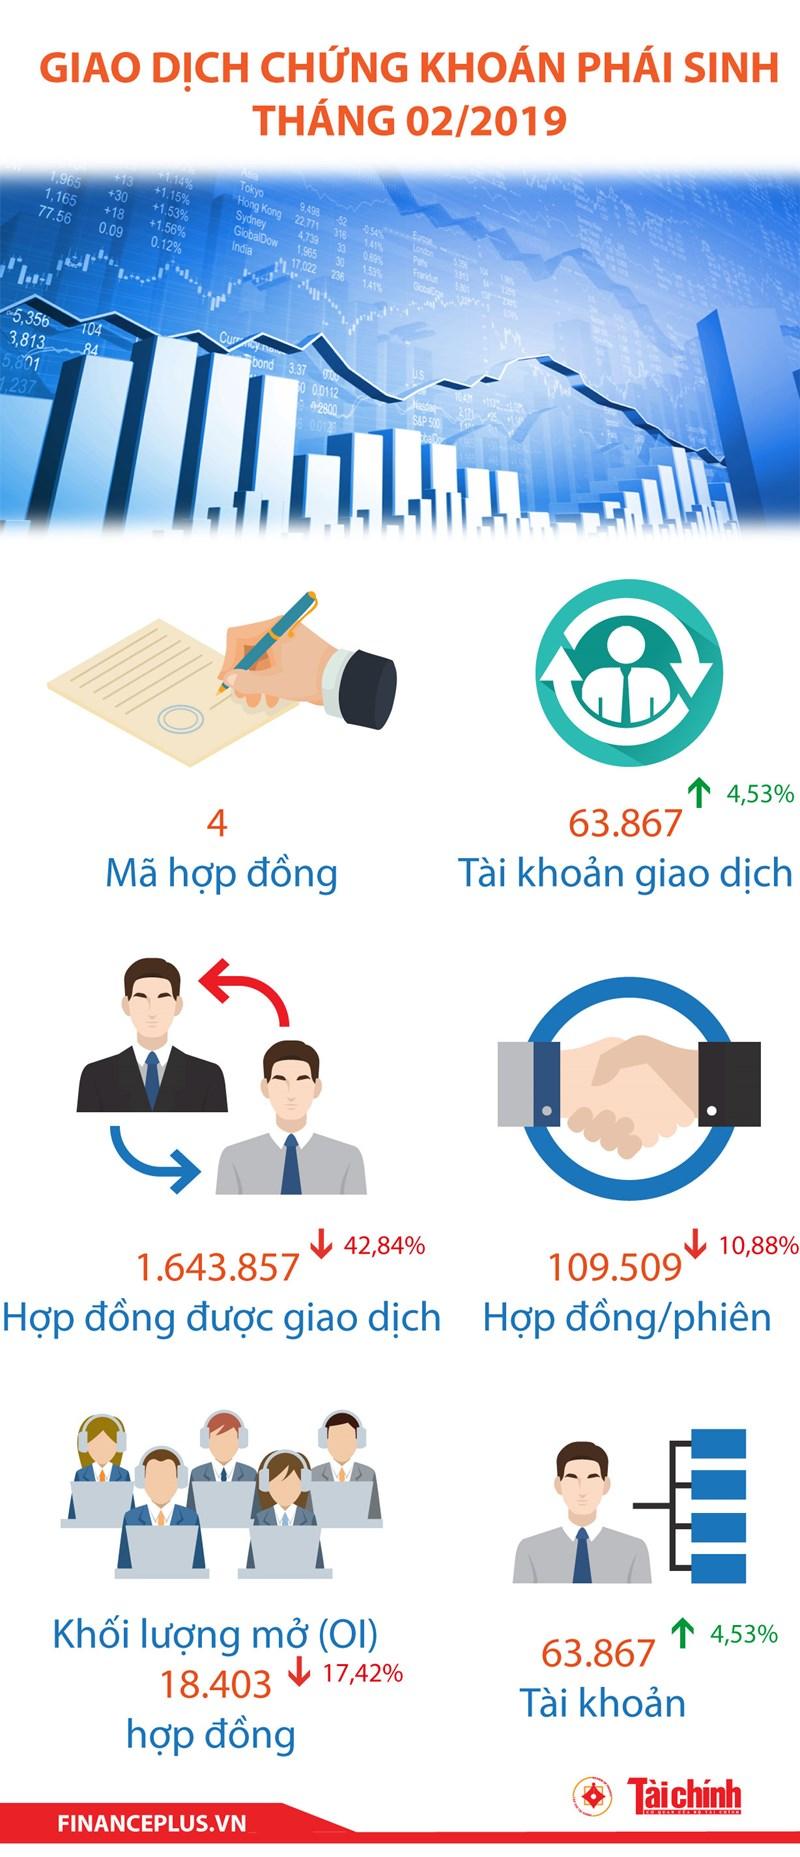 [Infographic] Thị trường chứng khoán phái sinh tháng 2/2019 - Ảnh 1